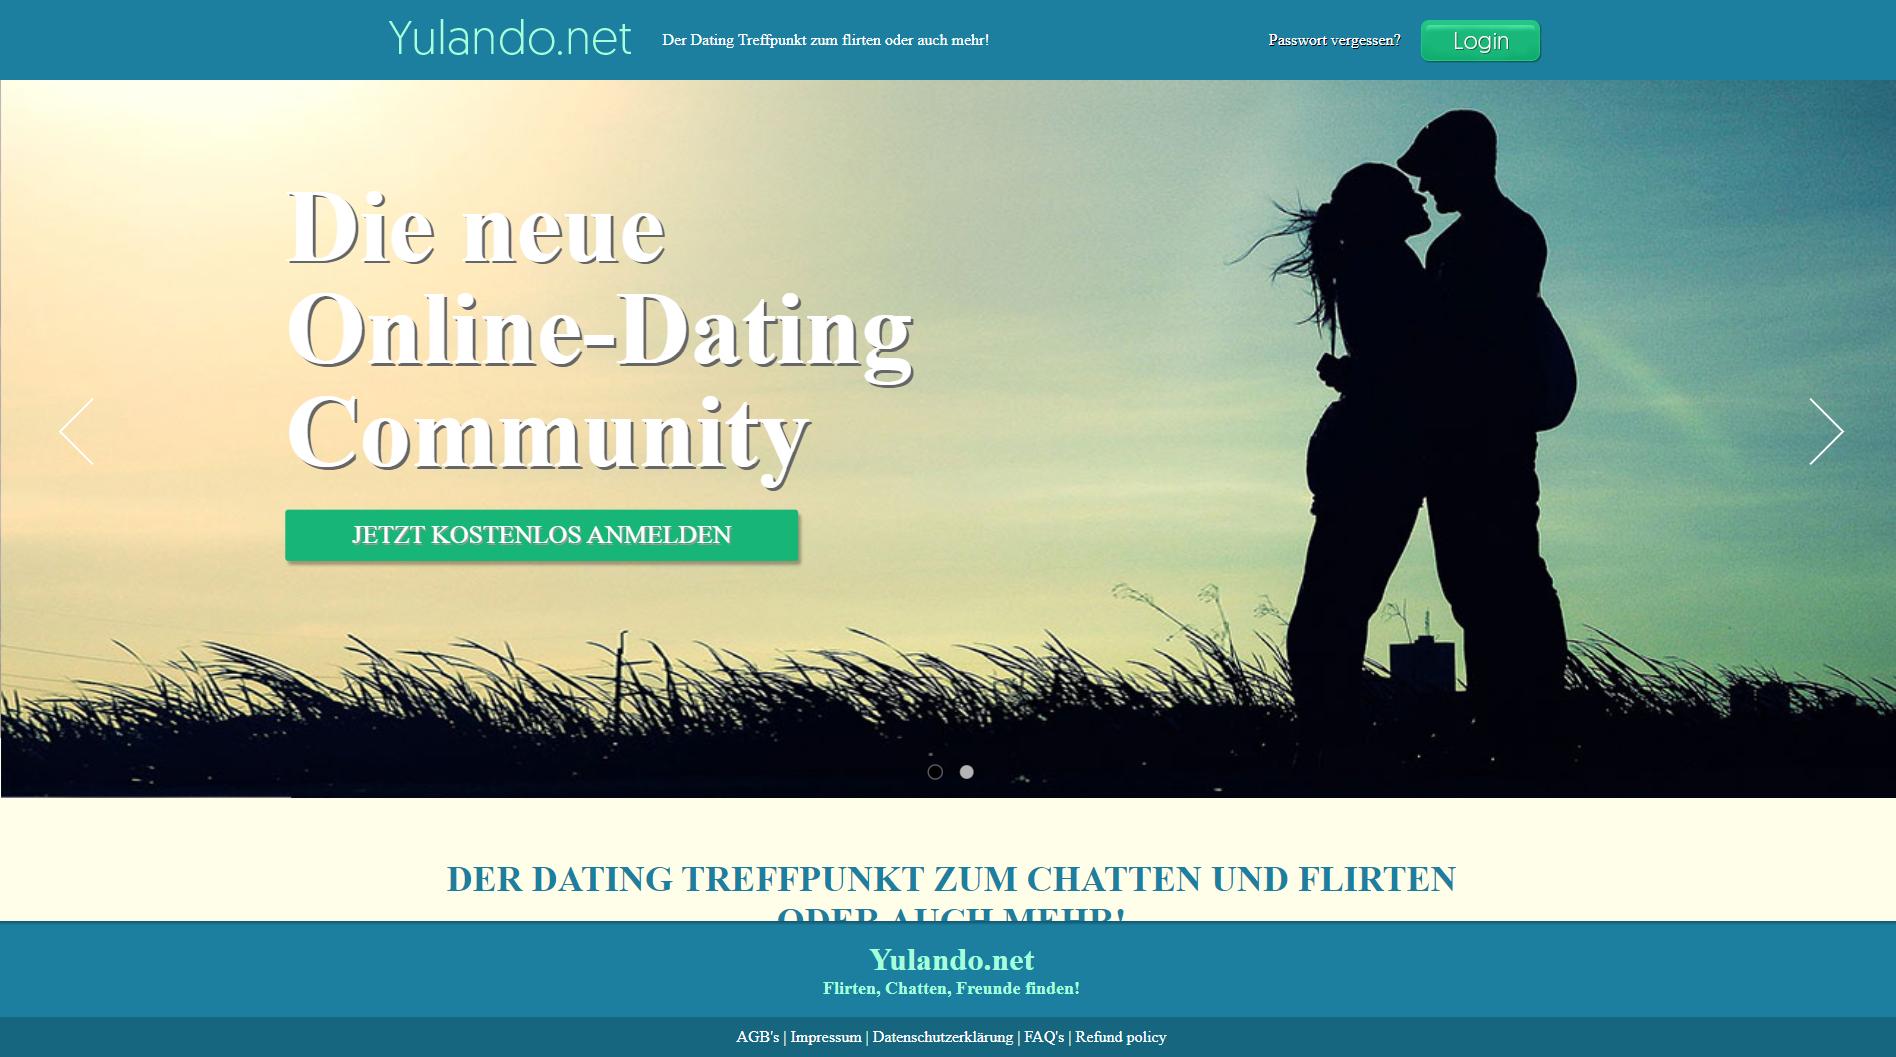 Communities zum flirten